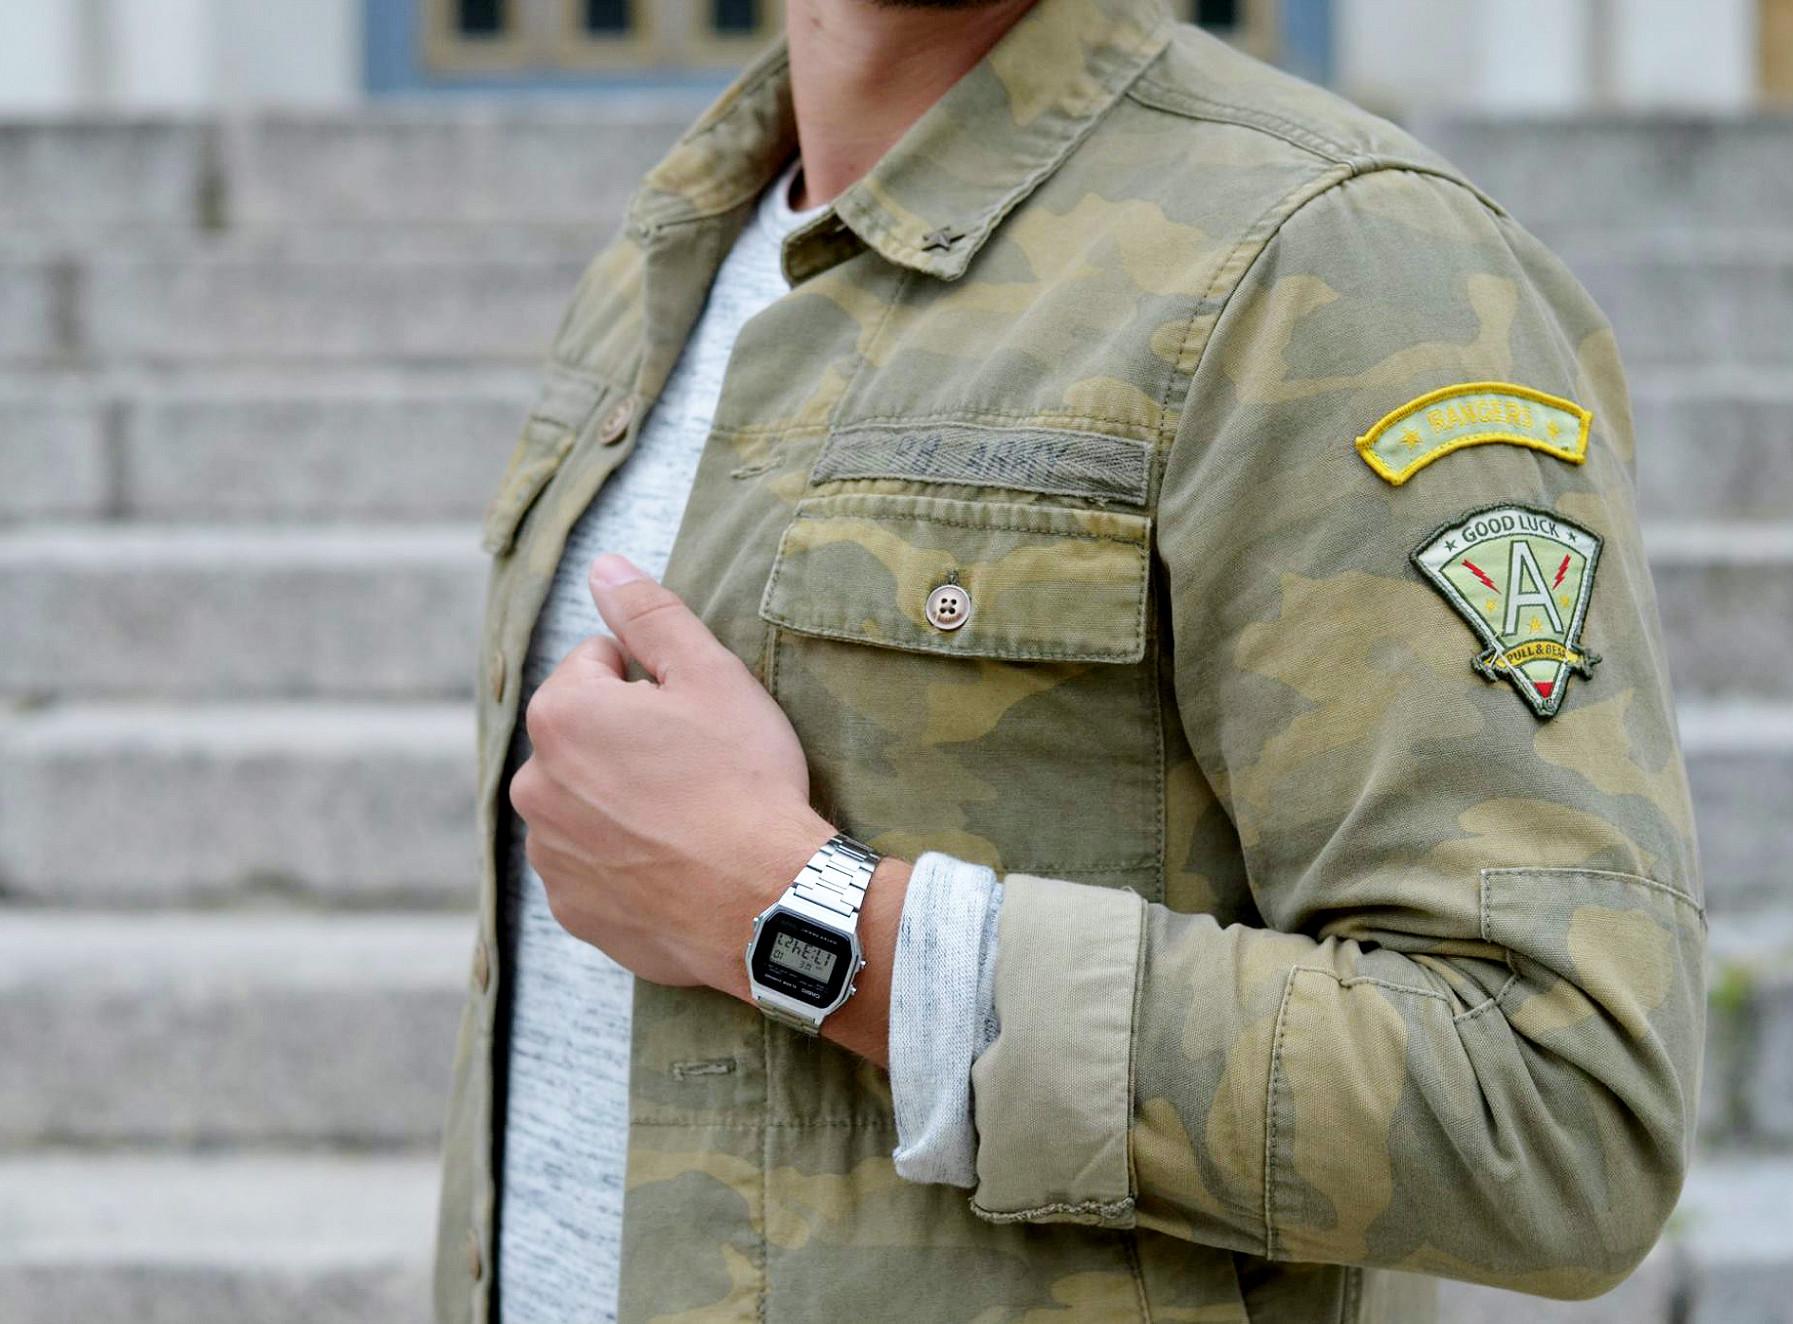 Modeblog-Berlin-Männer-Blog-Fashion-Camouflage-Jacke-Casio-Uhr-silber